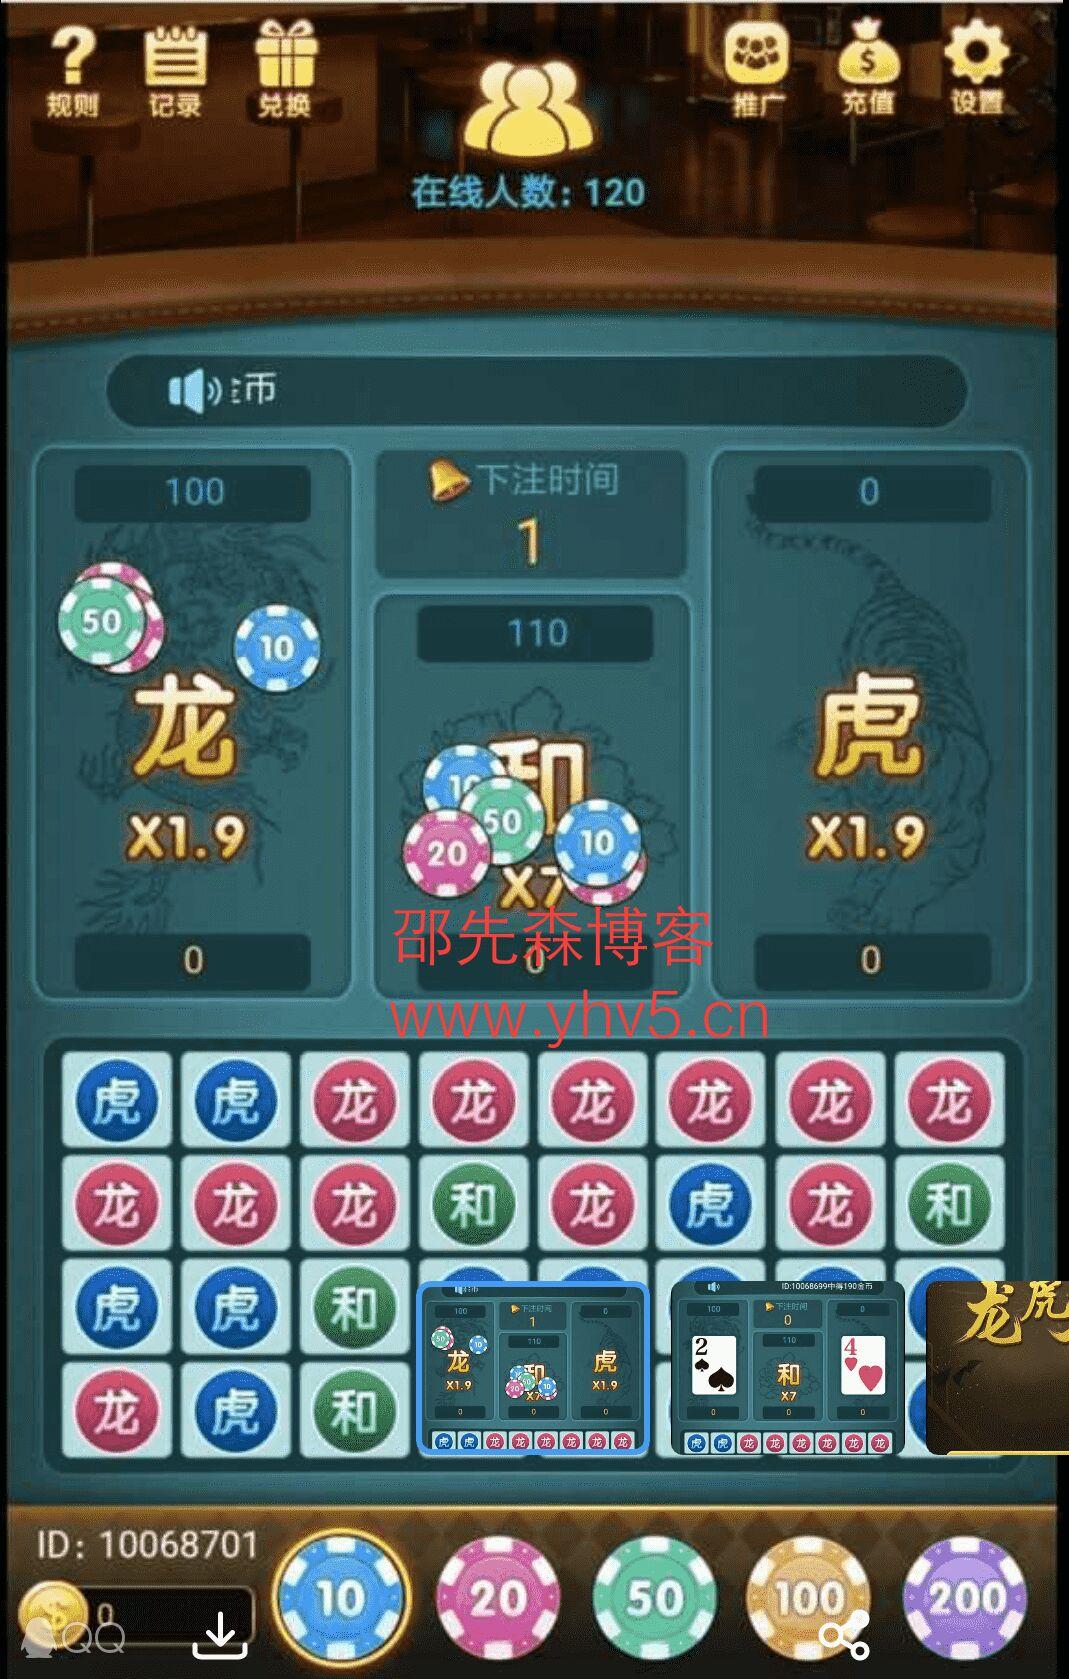 最新修复免公众号H5龙虎斗完整版源码+搭建教程